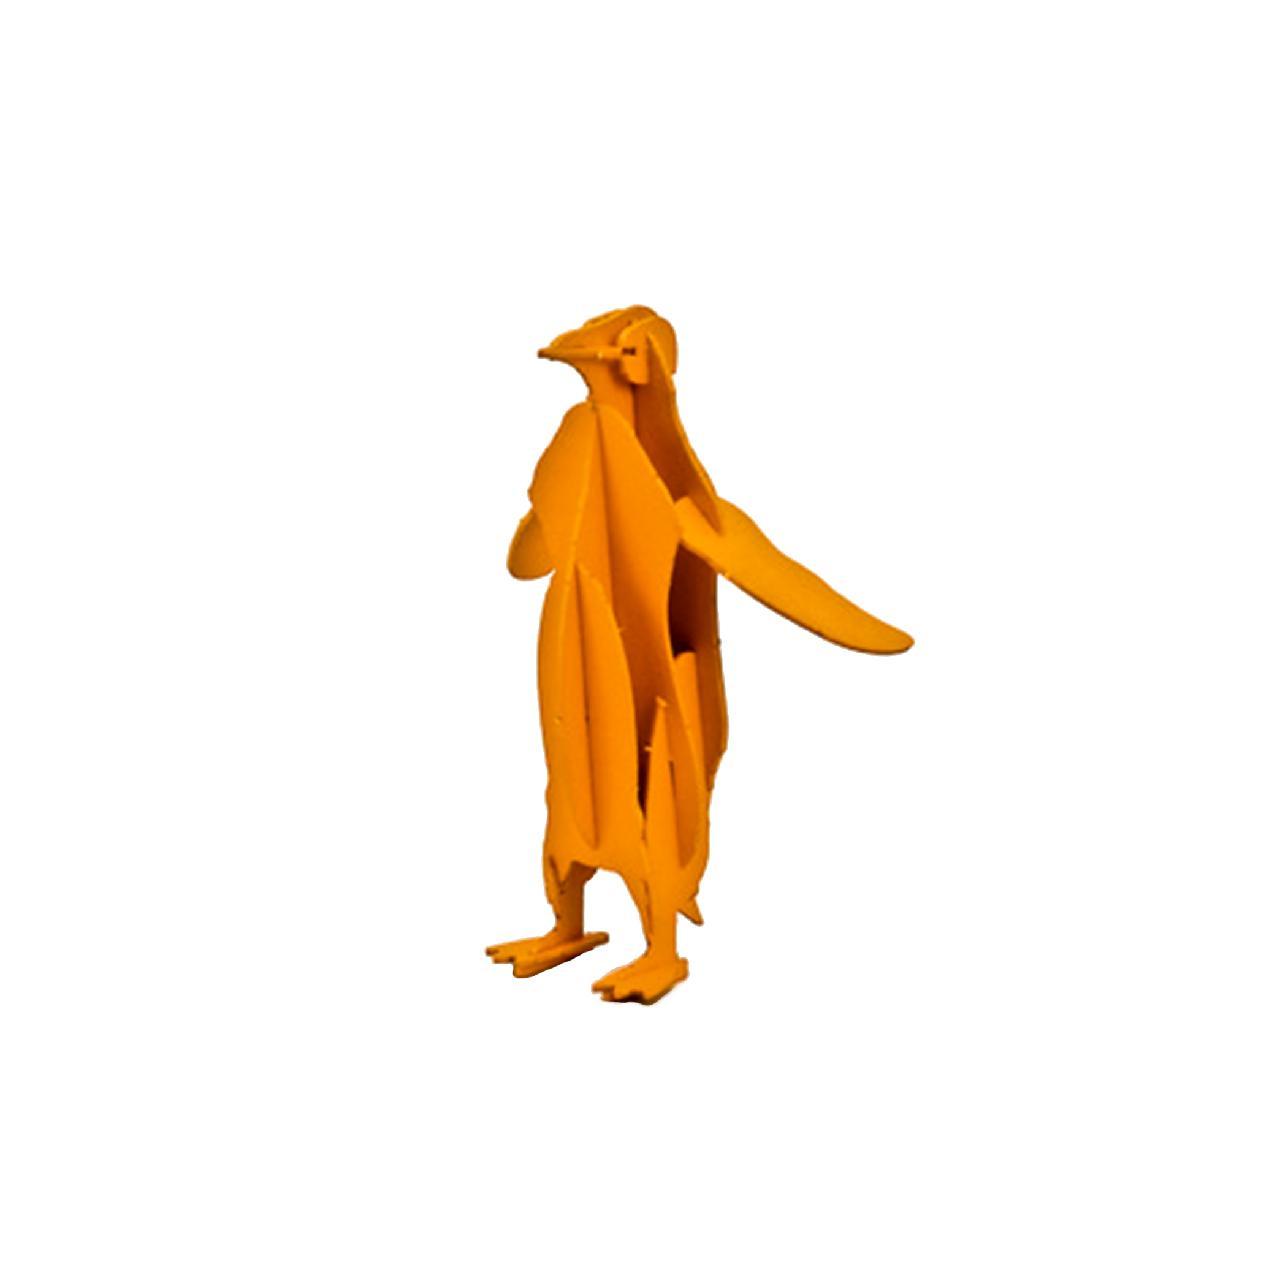 ペンギン【オレンジ】☆